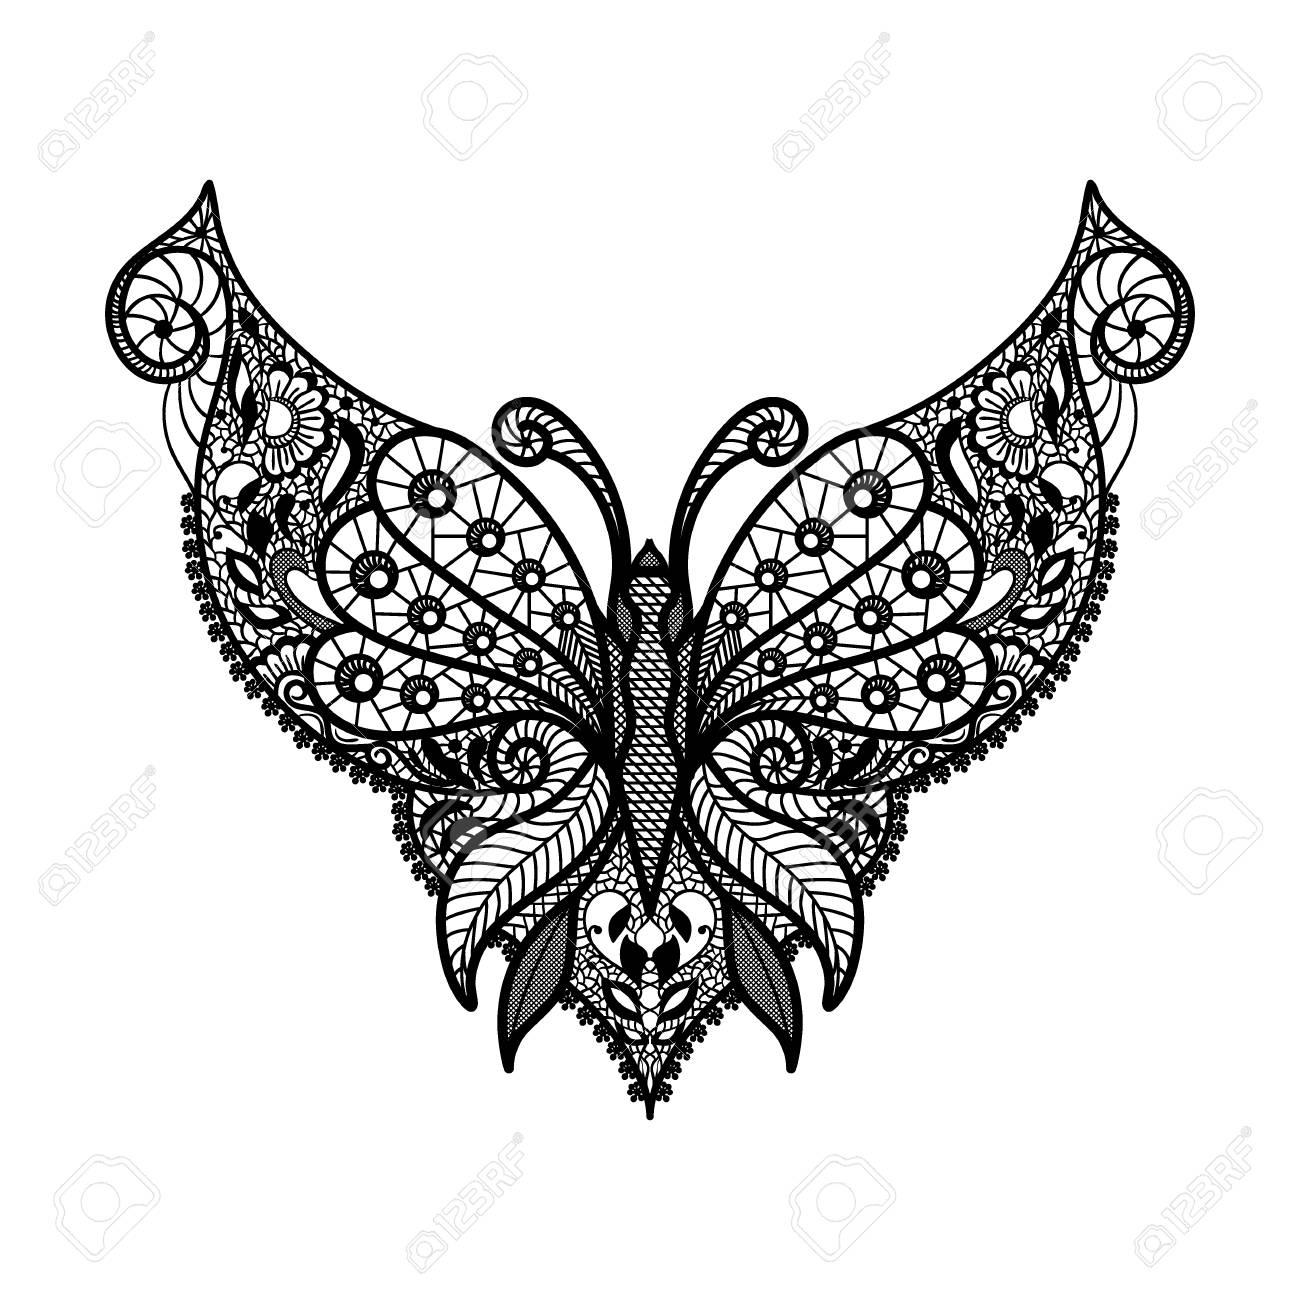 Forma De Mariposa De Vector Y Ornamento Floral Elemento Decorativo ...